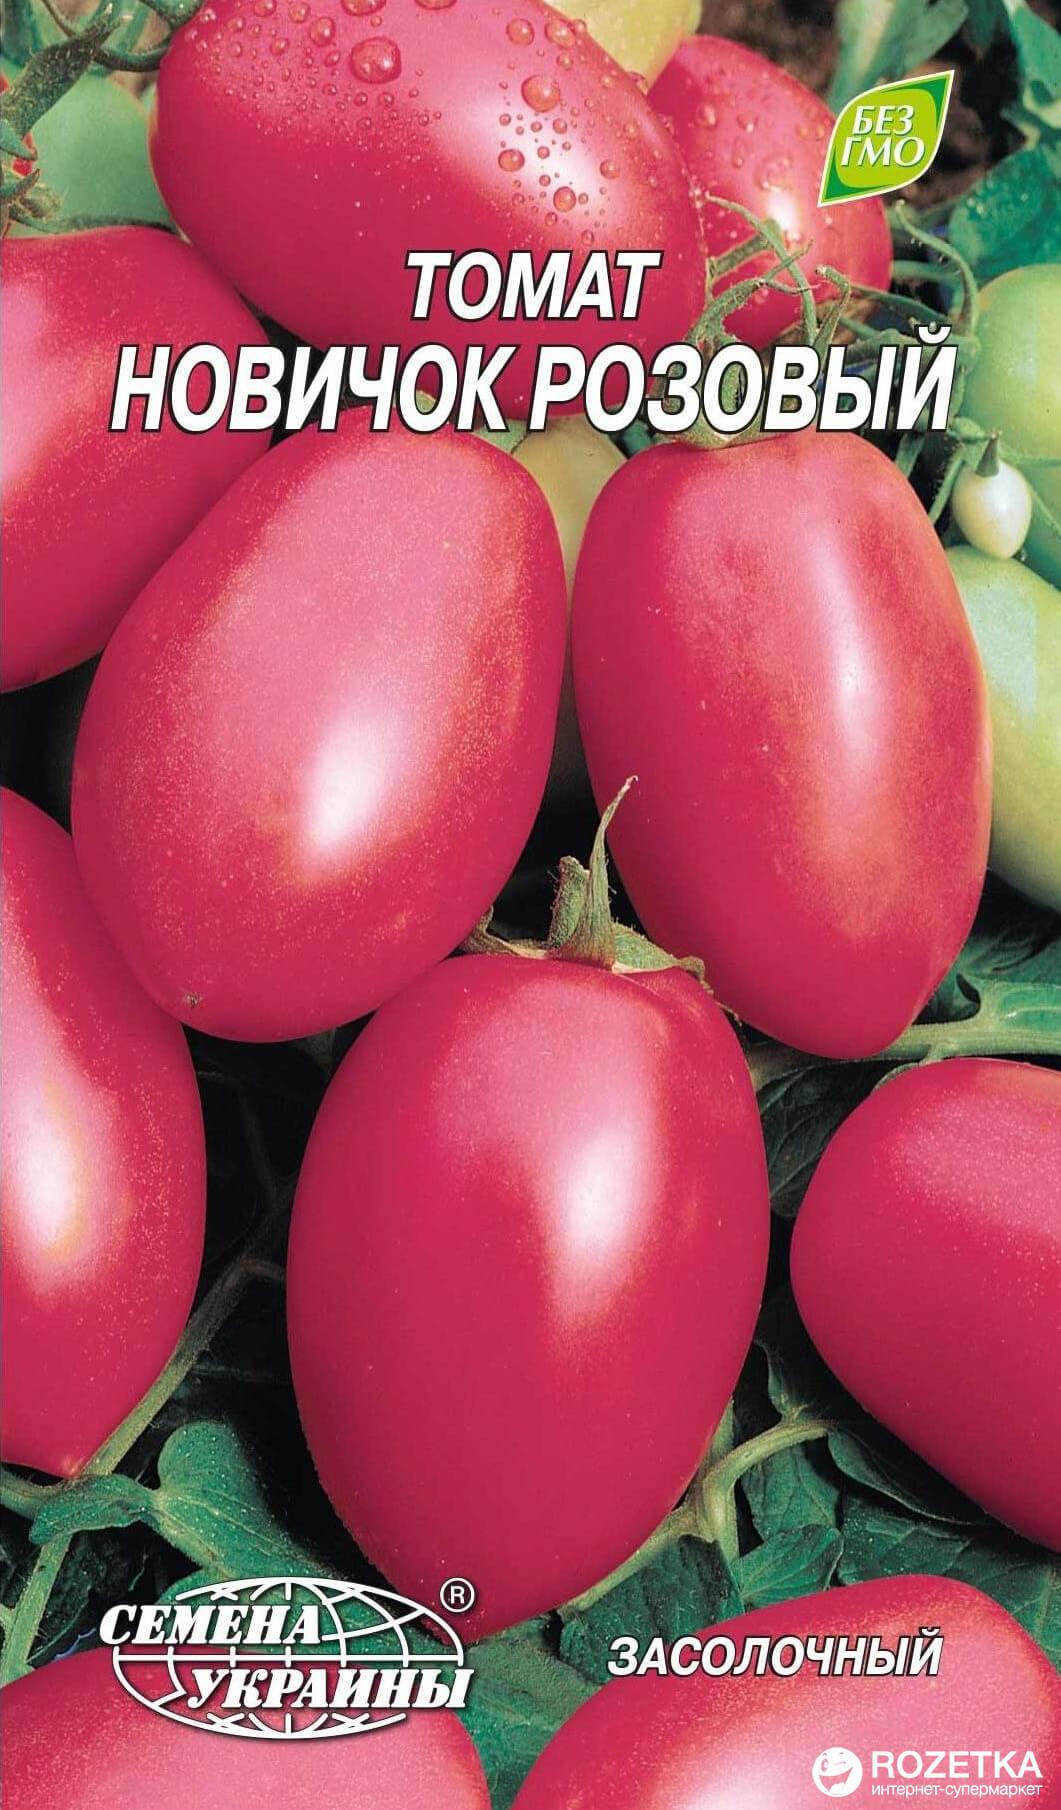 Томат новичок: описание сорта и методы выращивания